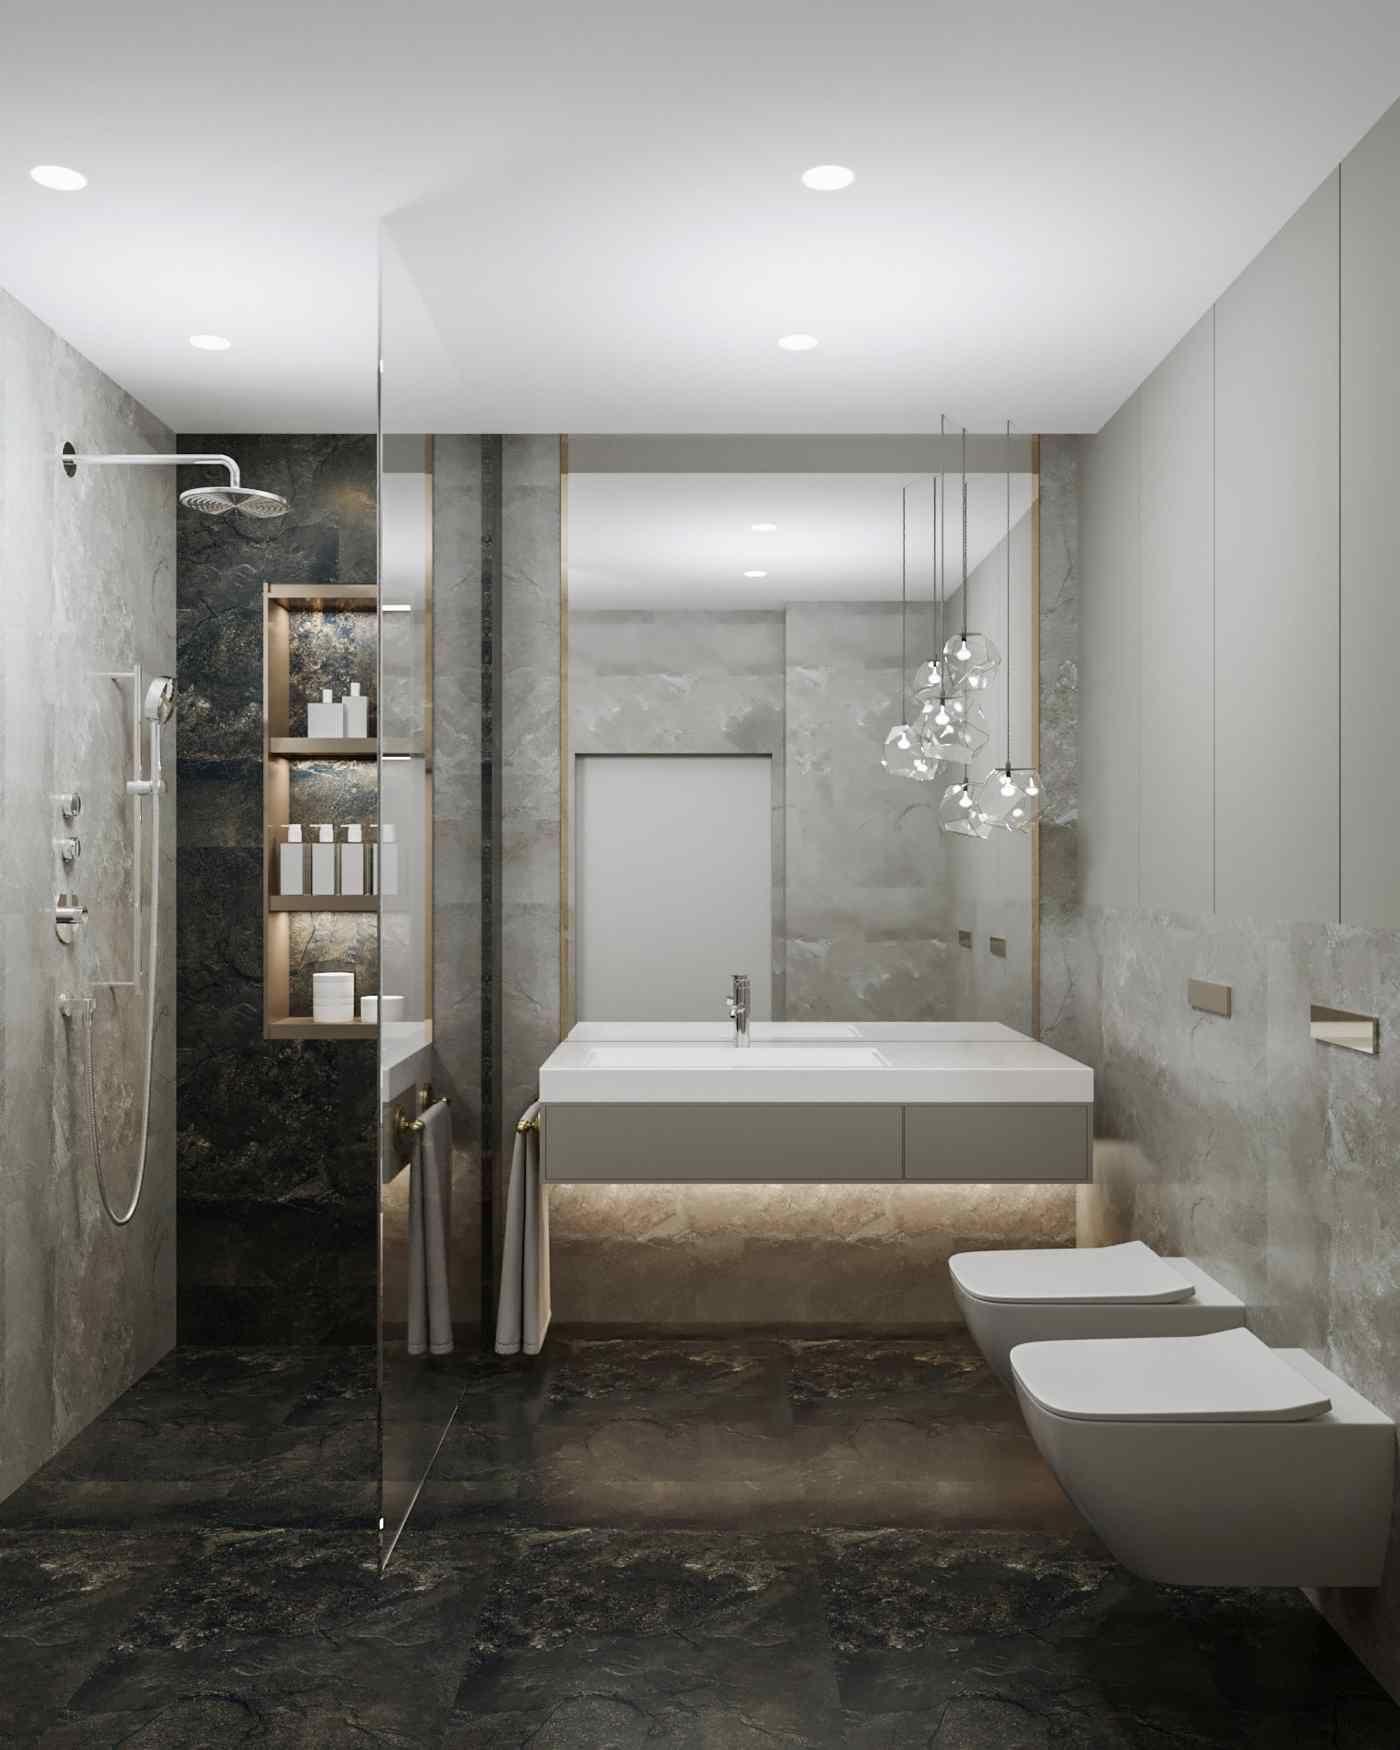 Moderne Bader Bilder Und Inspirationen Nach Den Neuen Trends 2020 In 2020 Moderne Bader Moderne Kleine Badezimmer Kleine Badezimmer